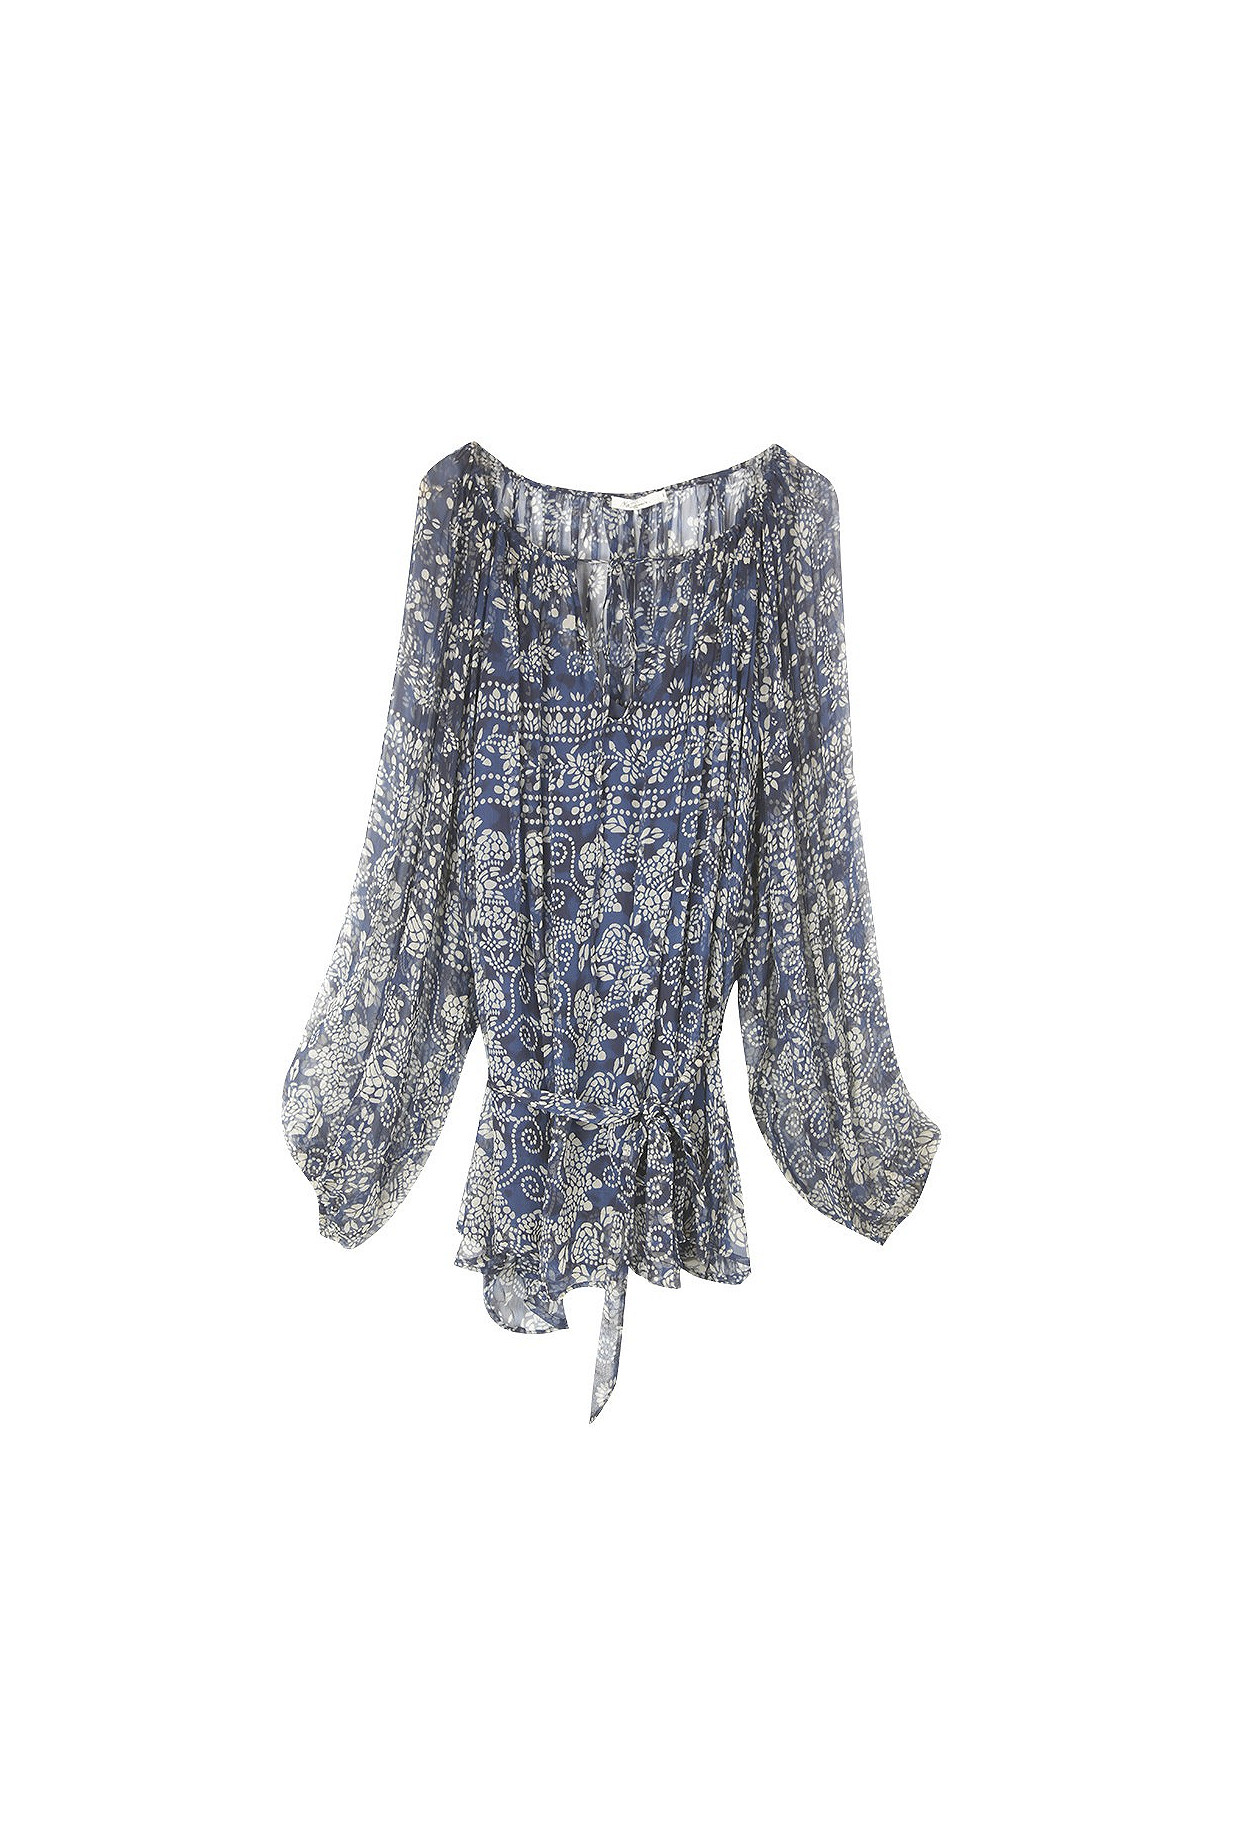 Blue  BLOUSE  Bogor Mes demoiselles fashion clothes designer Paris